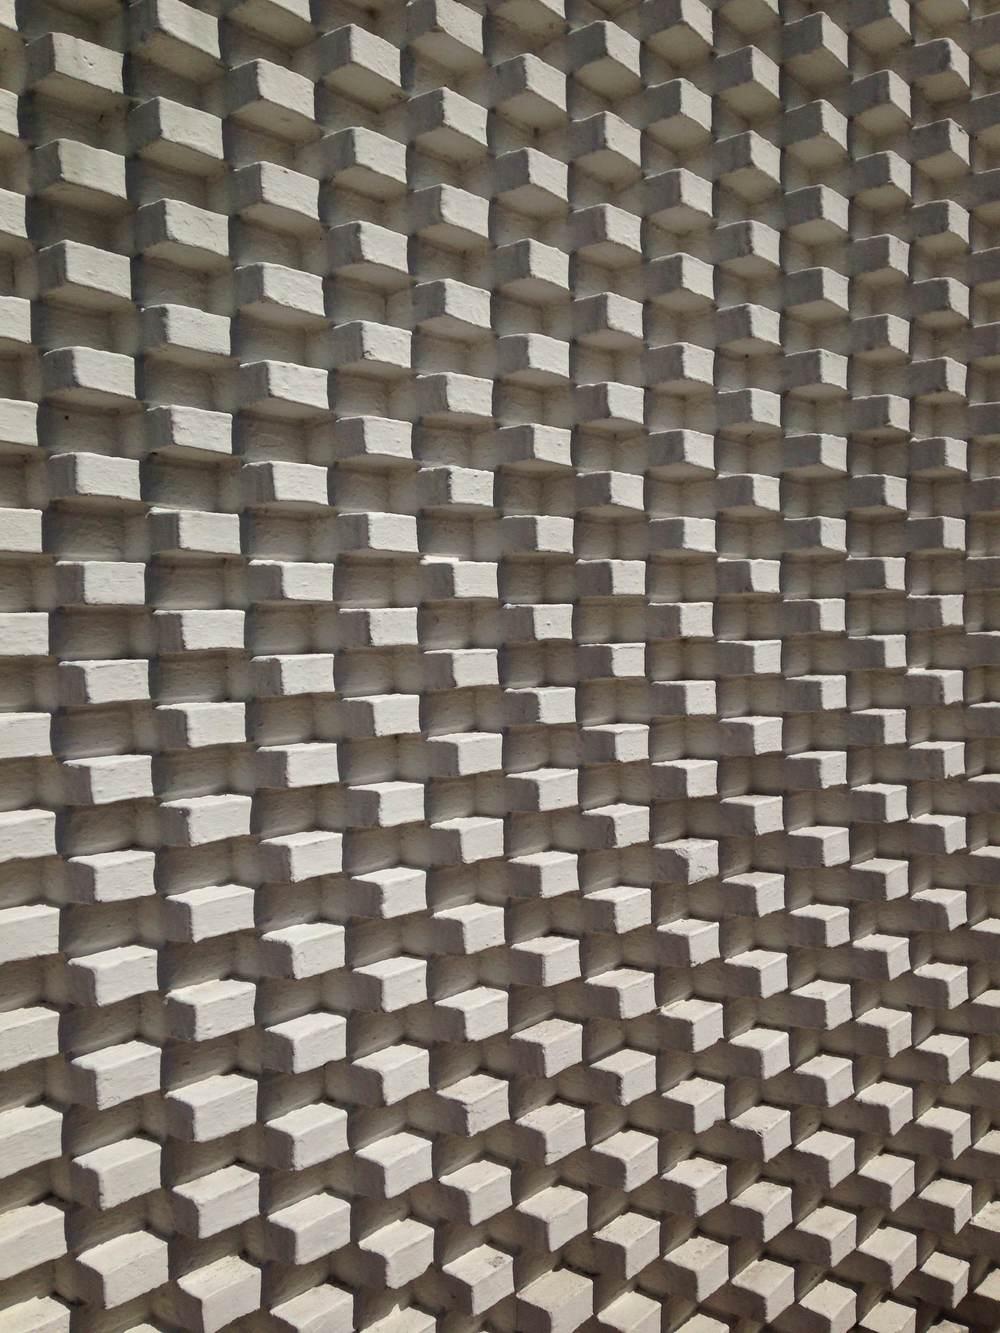 Close up of a brick wall at Louisiana